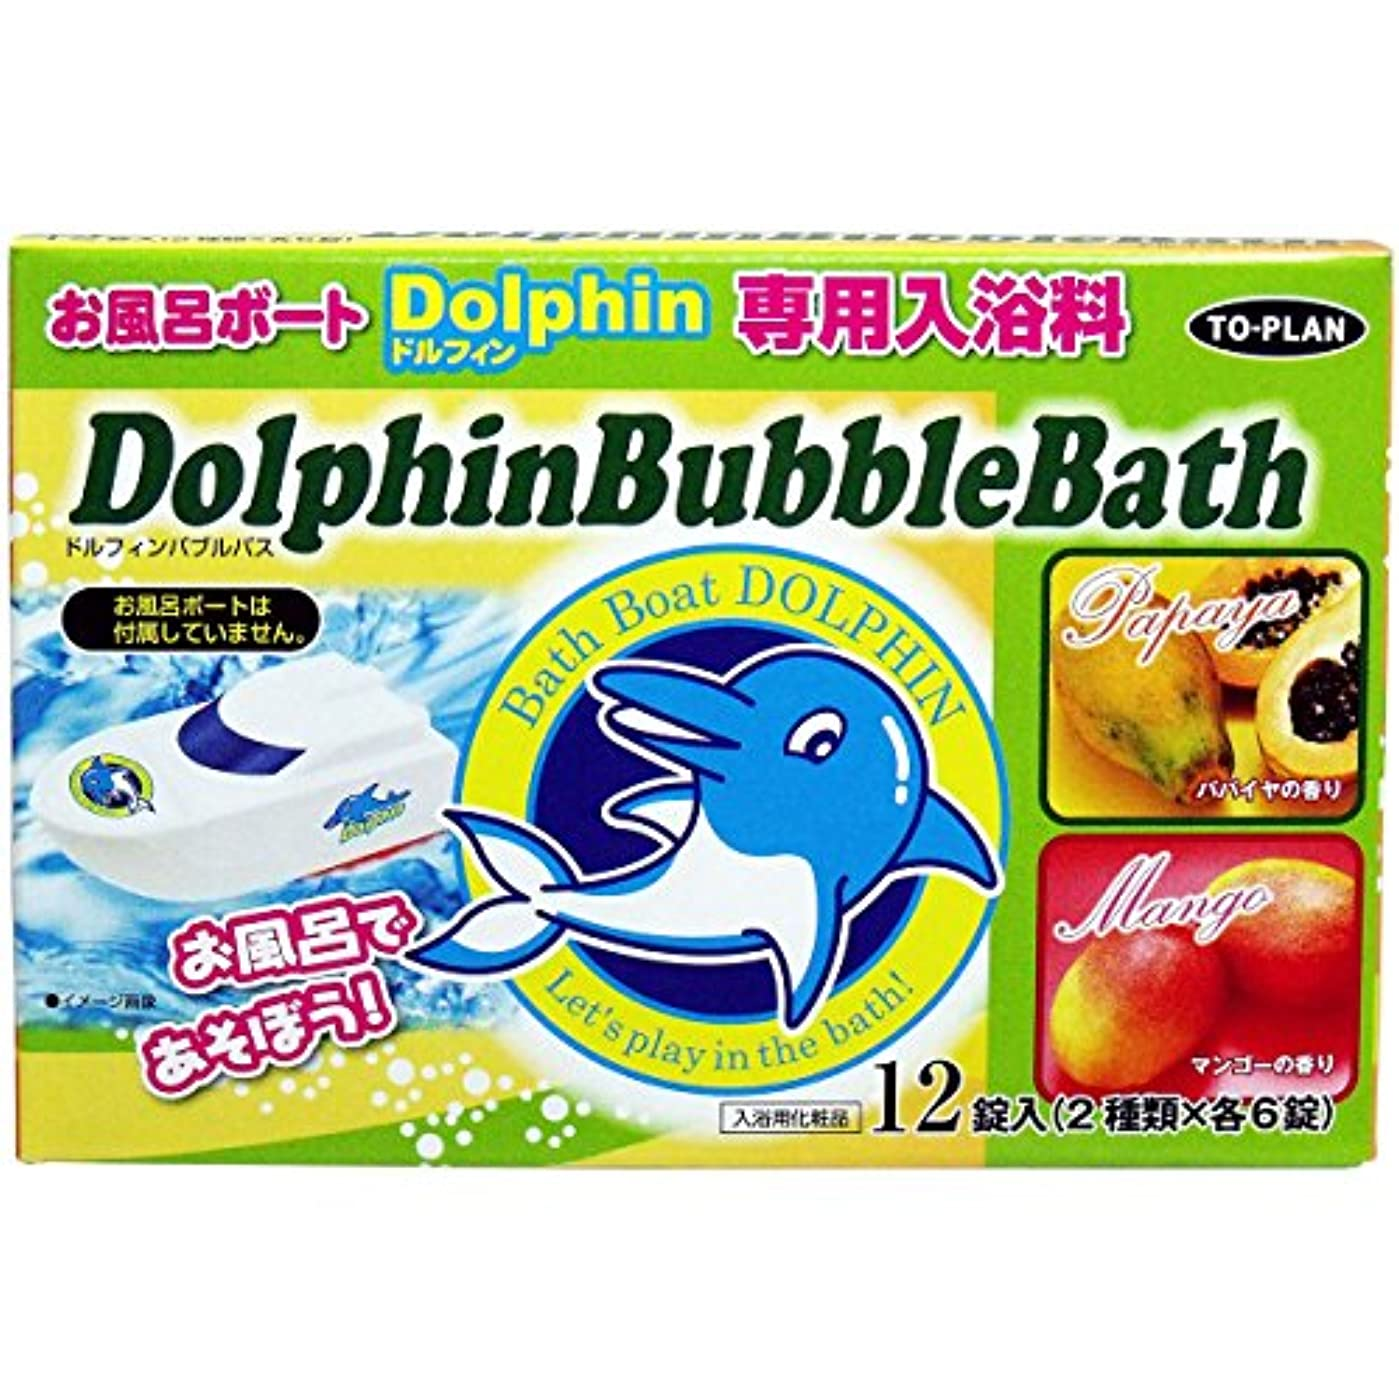 容器のぞき見ランダムお風呂ボート ドルフィン号 専用入浴剤 12錠